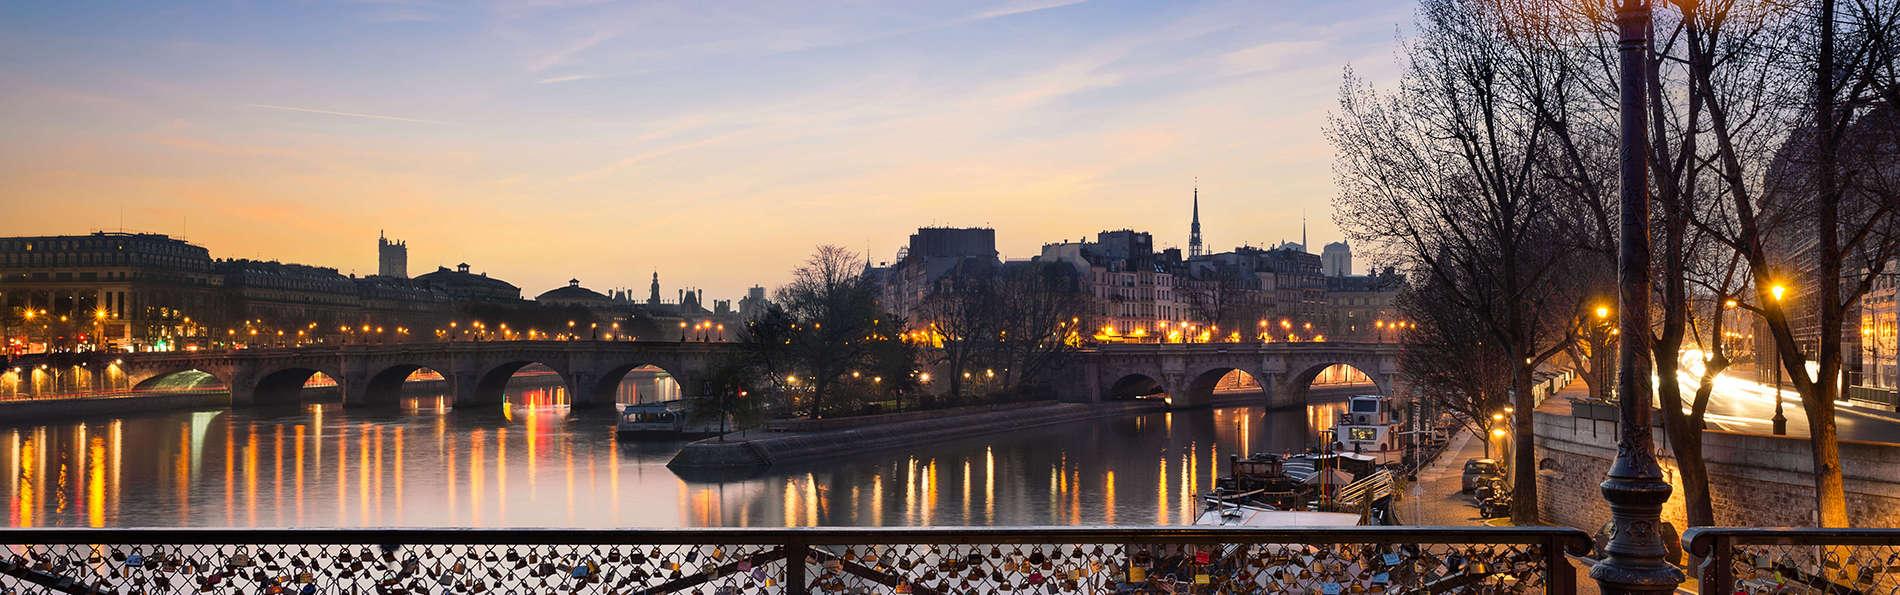 Week-end de charme au cœur de Paris